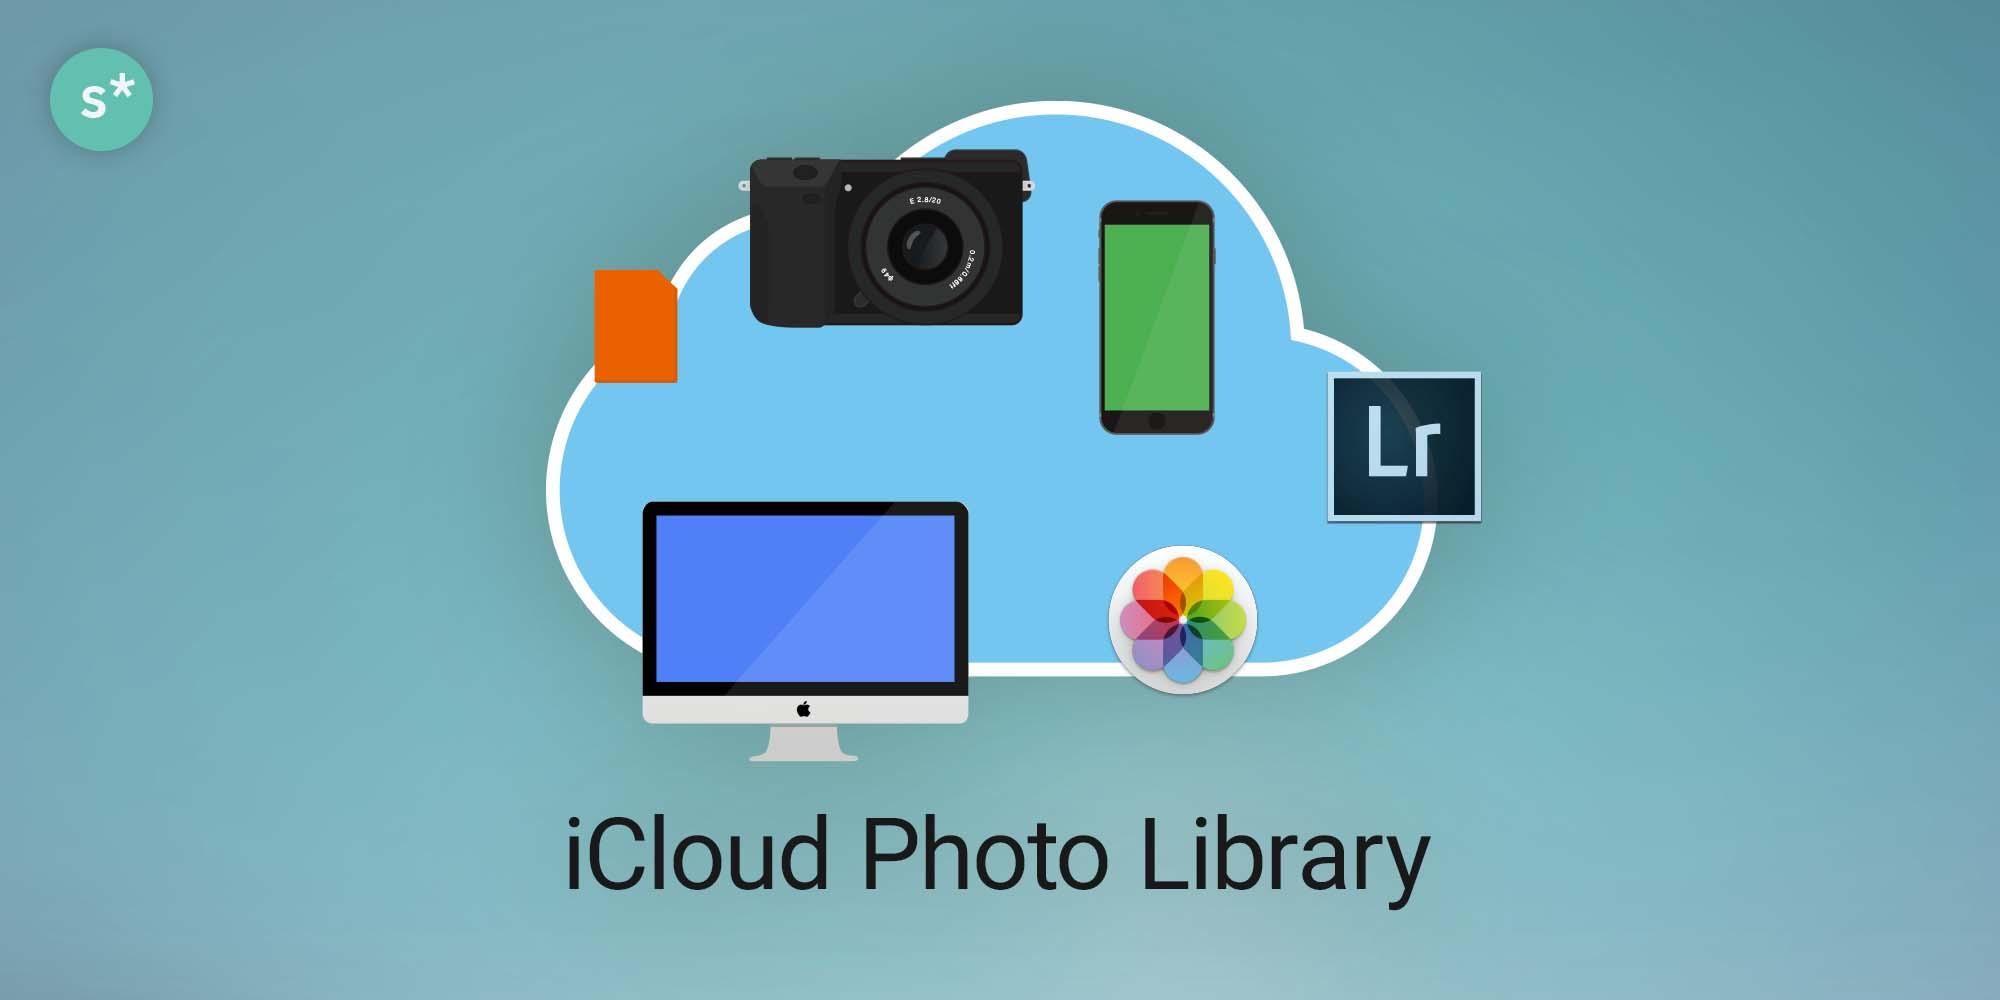 icloudphoto